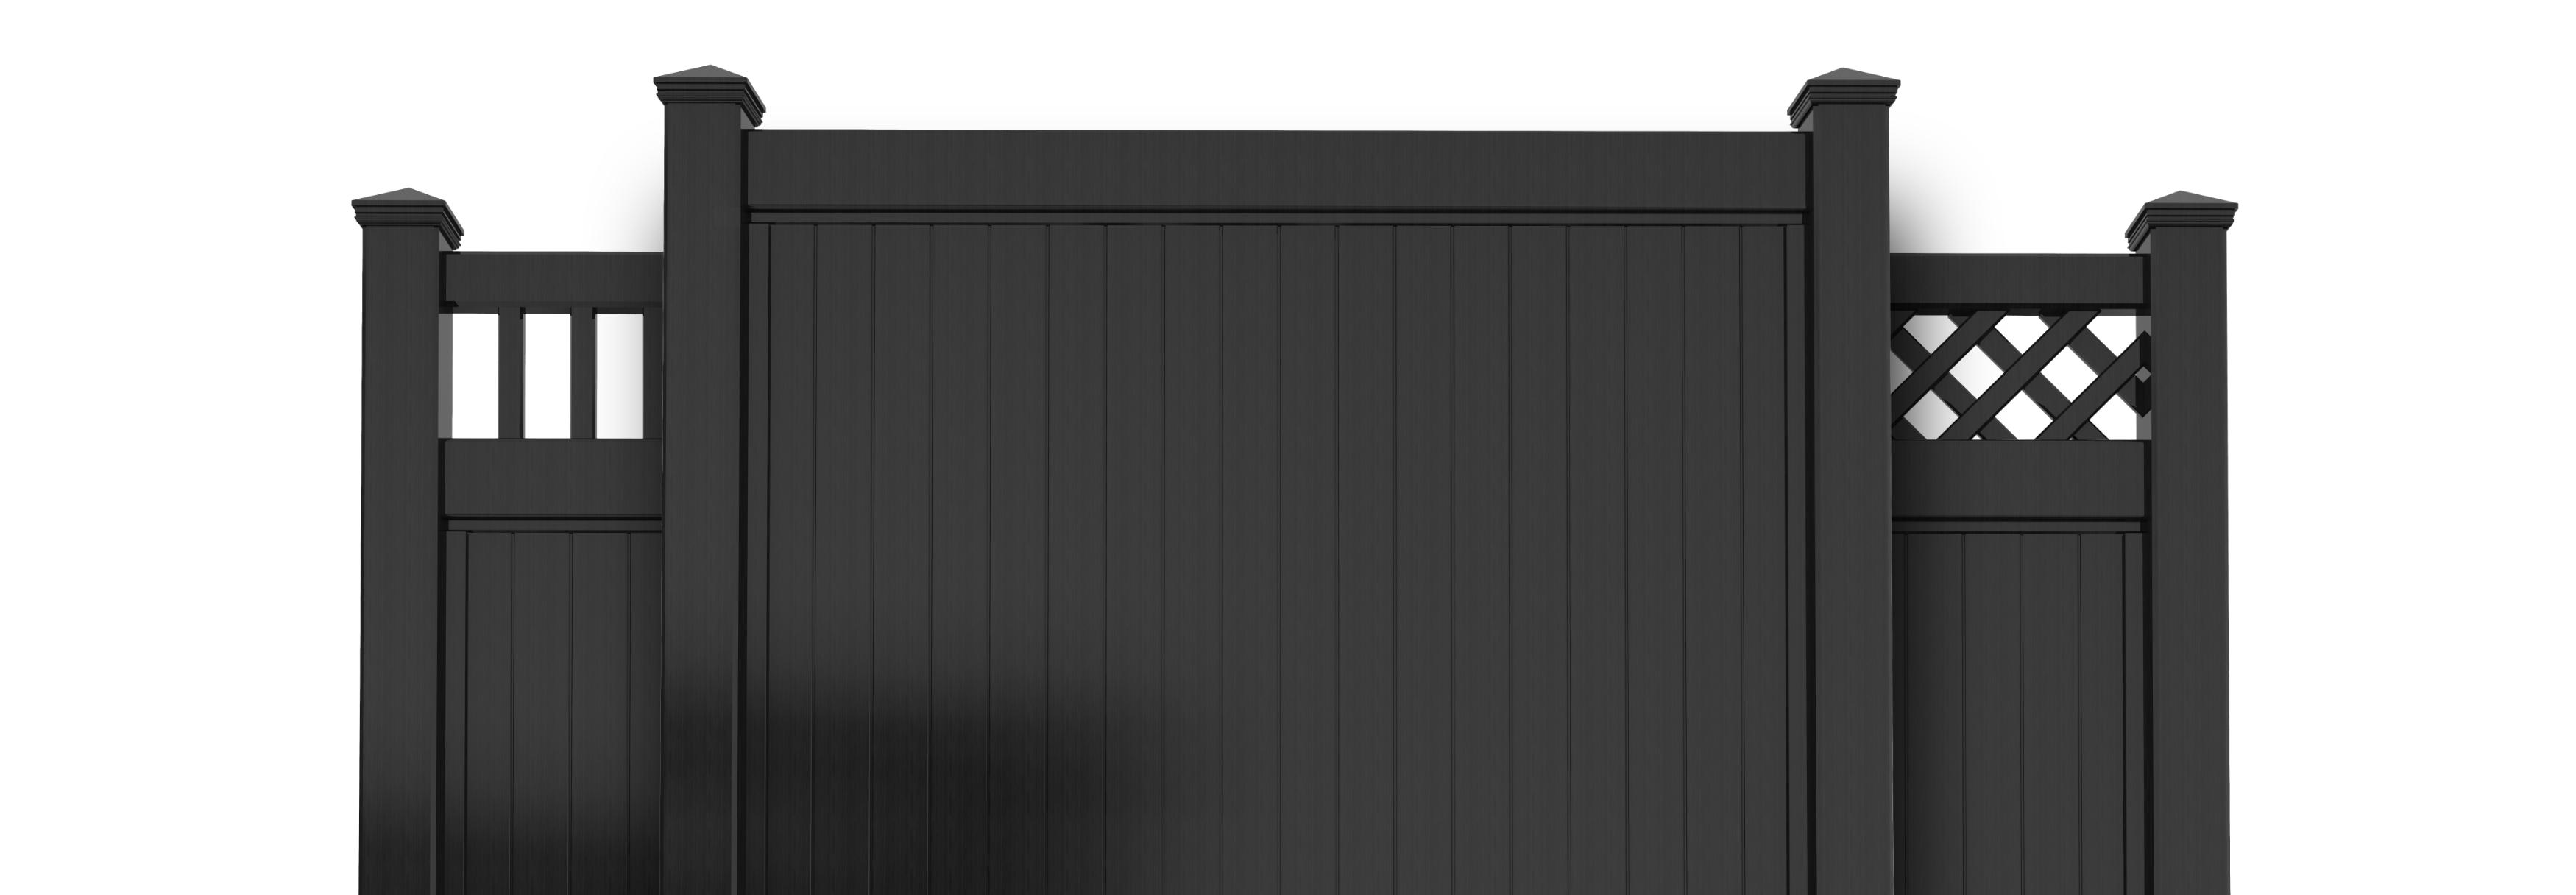 Black Vinyl Privacy Fencing - BLACKlineHHP